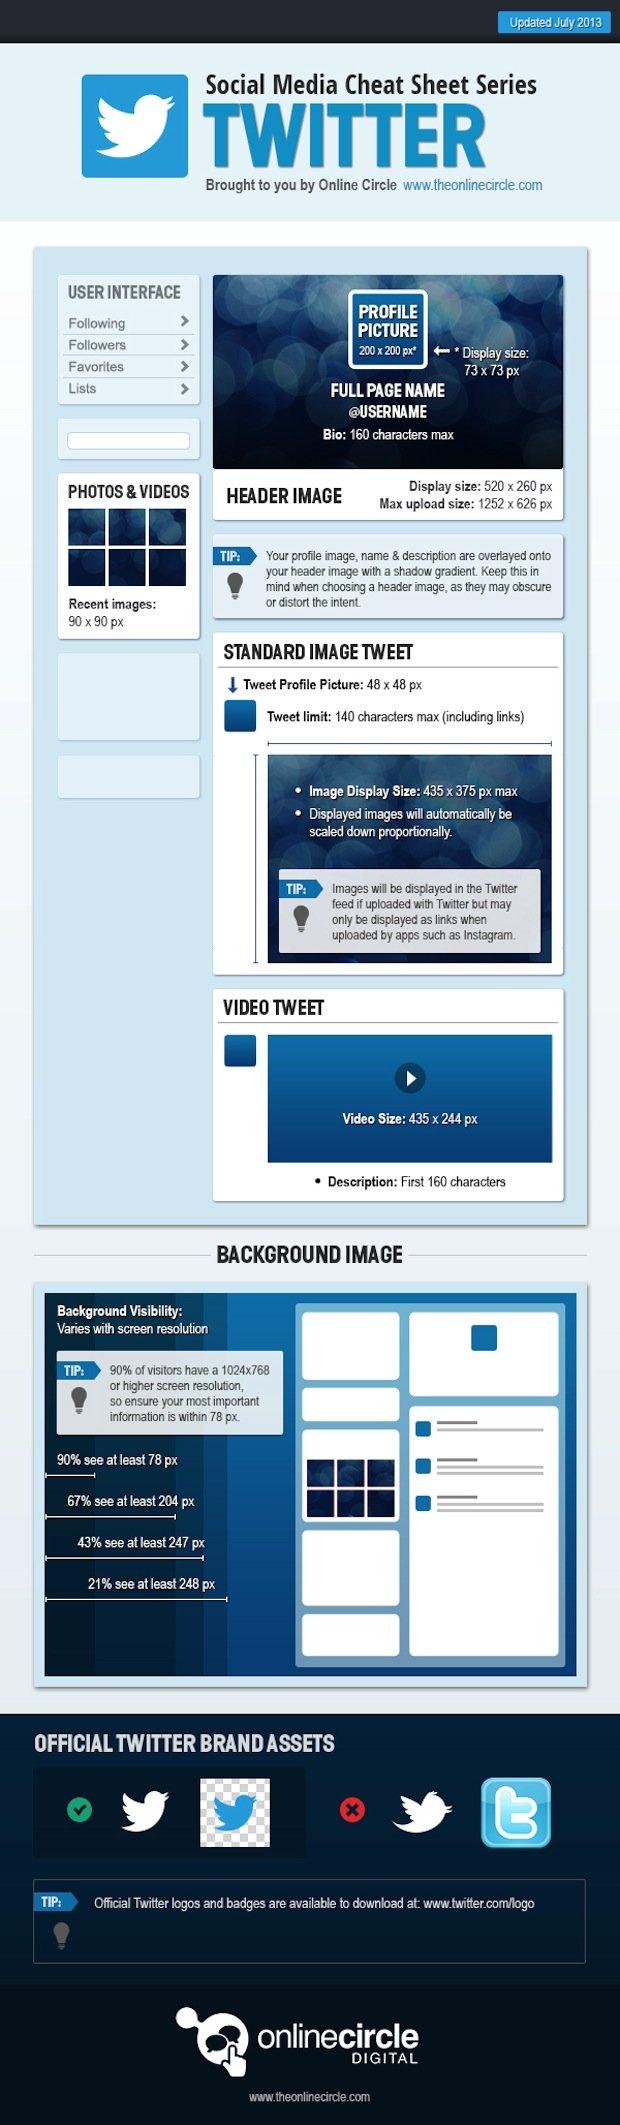 OnlineCircle_Infographics_SocialMediaCheatSheets_Twitter_Draft_v11